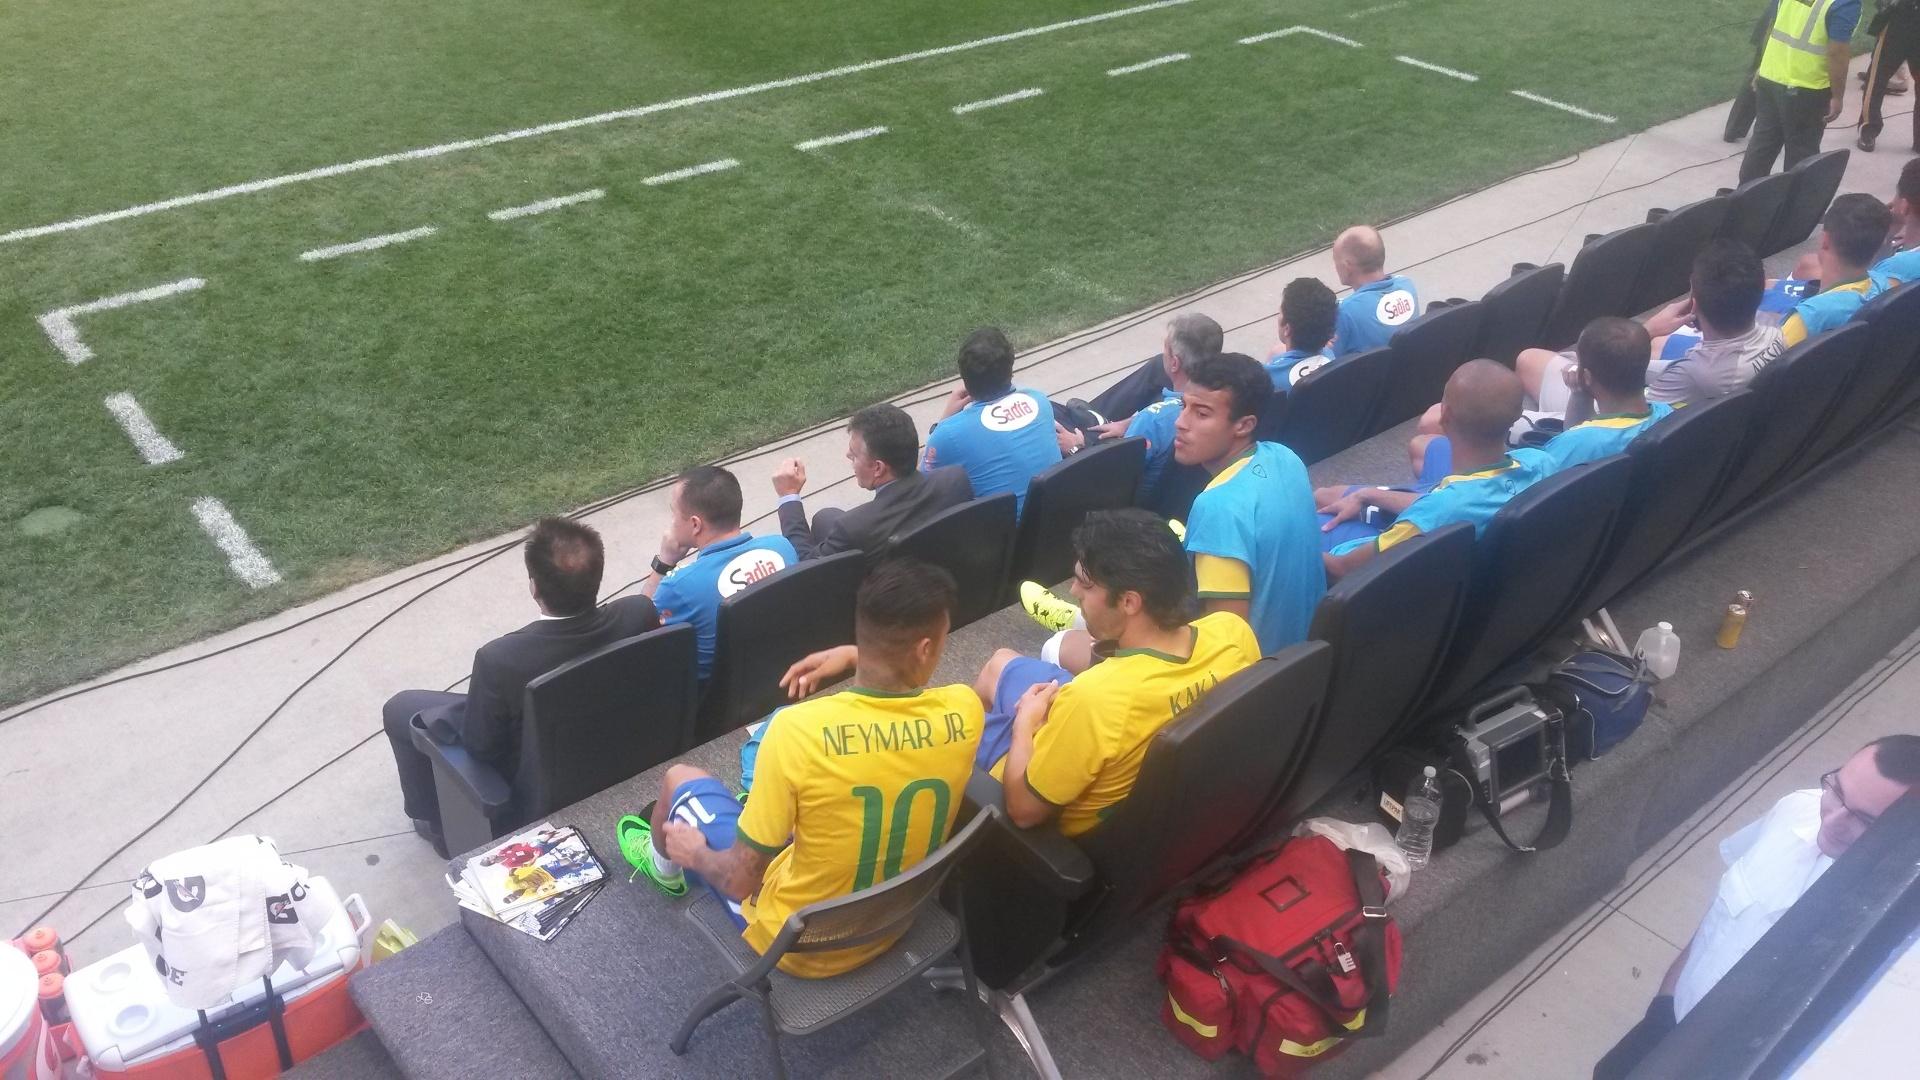 Reservas no amistoso deste sábado, Neymar e Kaká conversam no banco antes da partida entre Brasil e Costa Rica